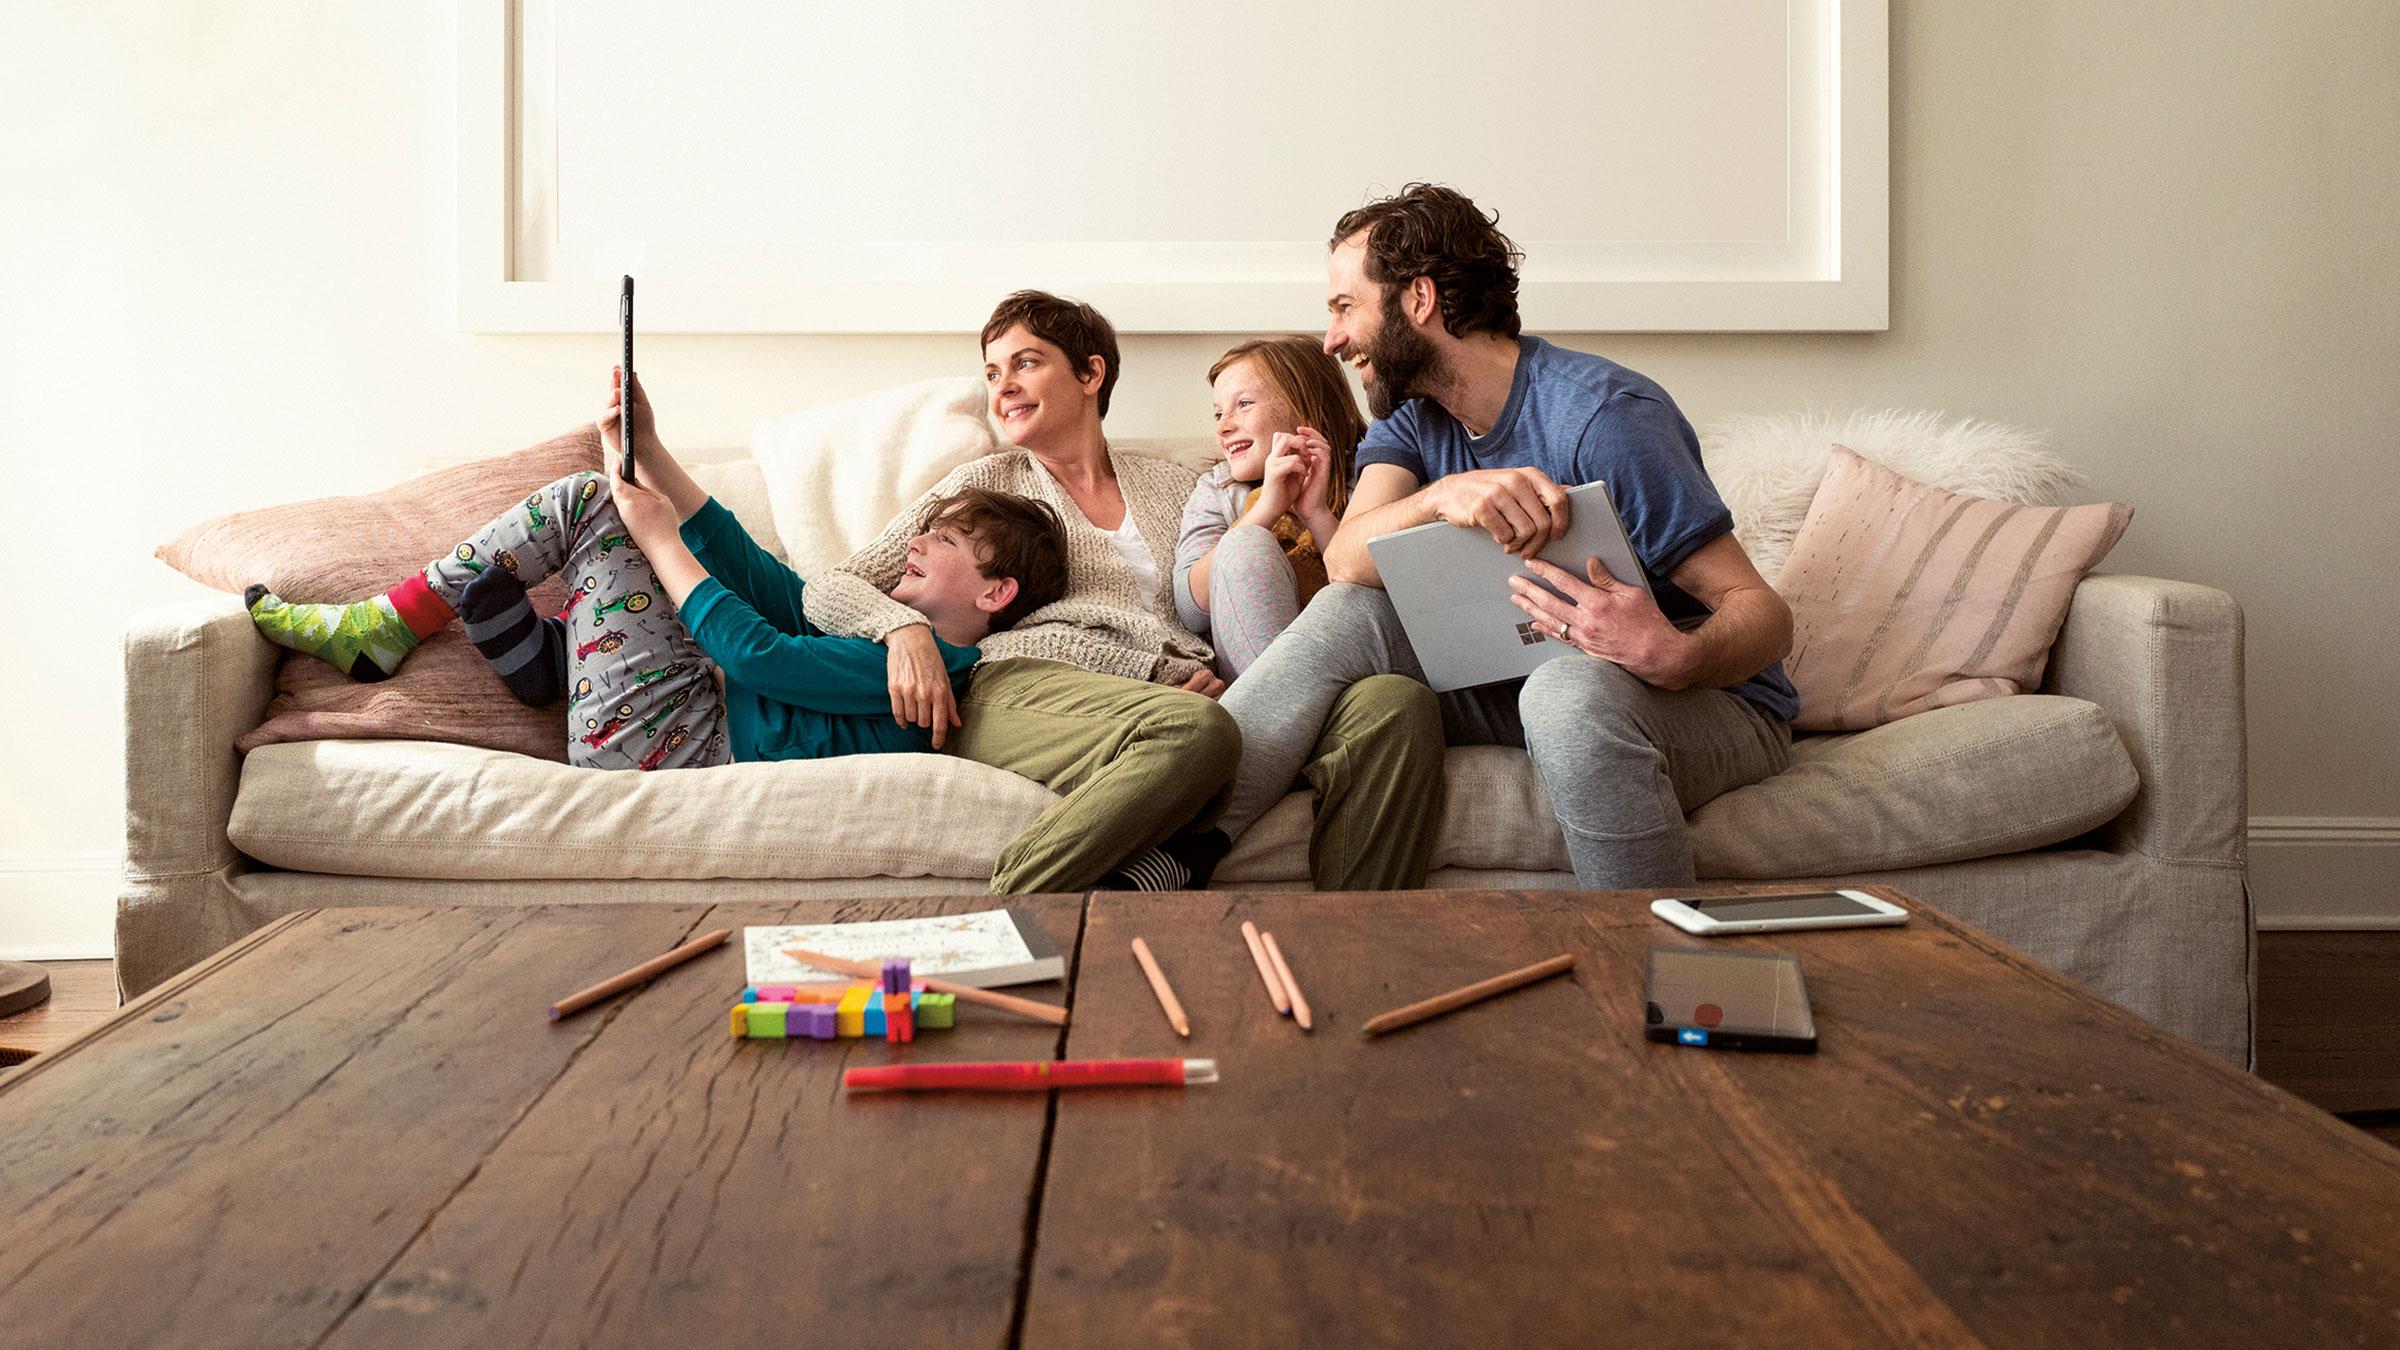 Rodina na gauči sa pozerá na zariadenie Microsoft Surface Pro